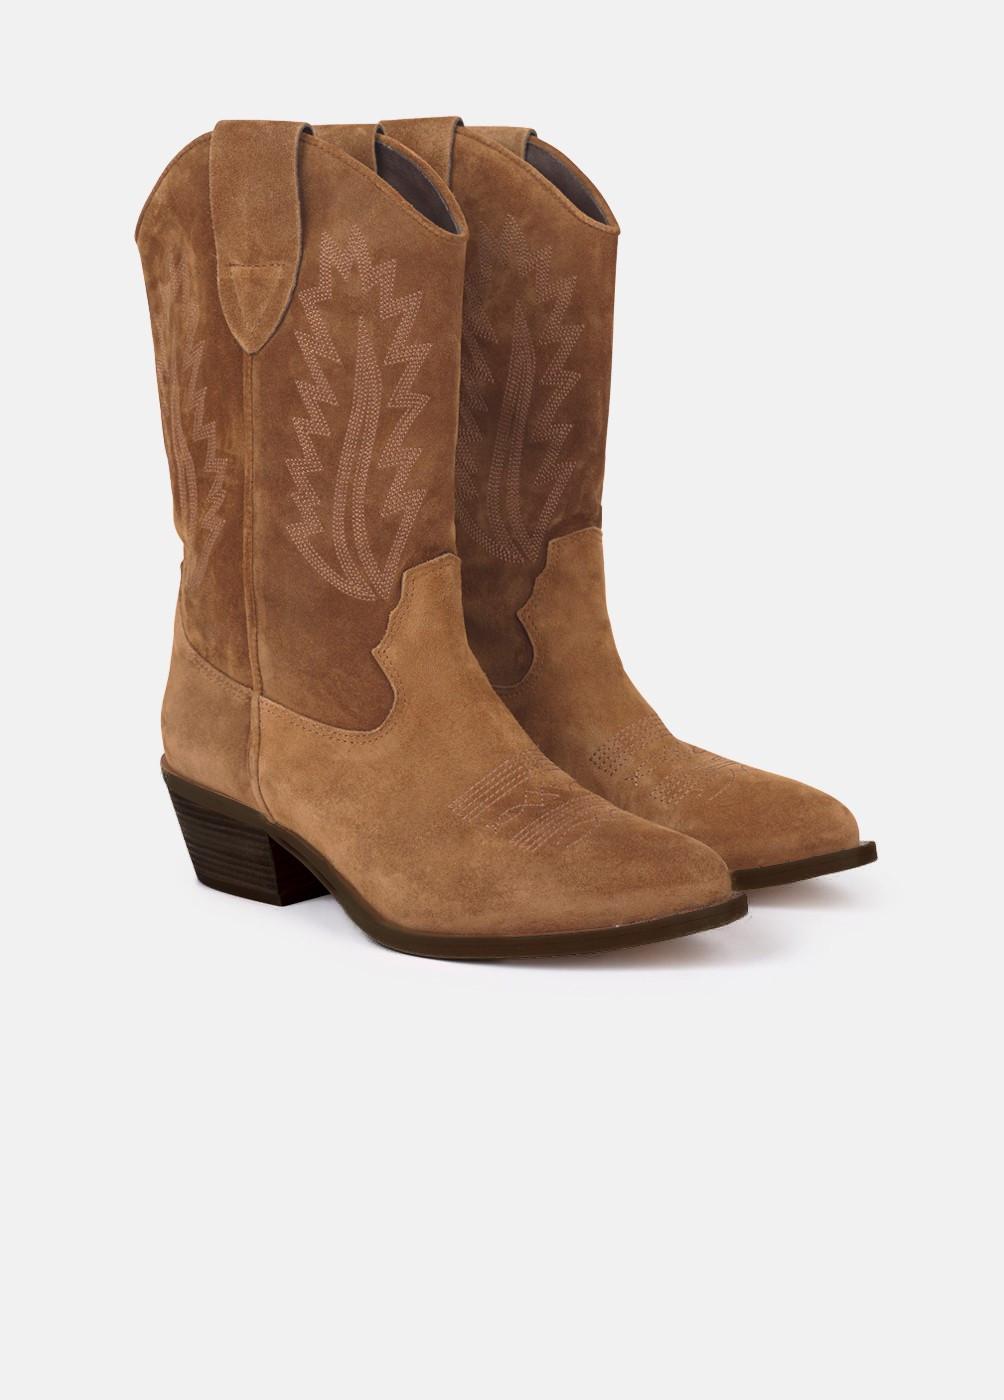 Botas de estilo cowboy, de Brownie (59,90 euros) |Foto: Brownie.